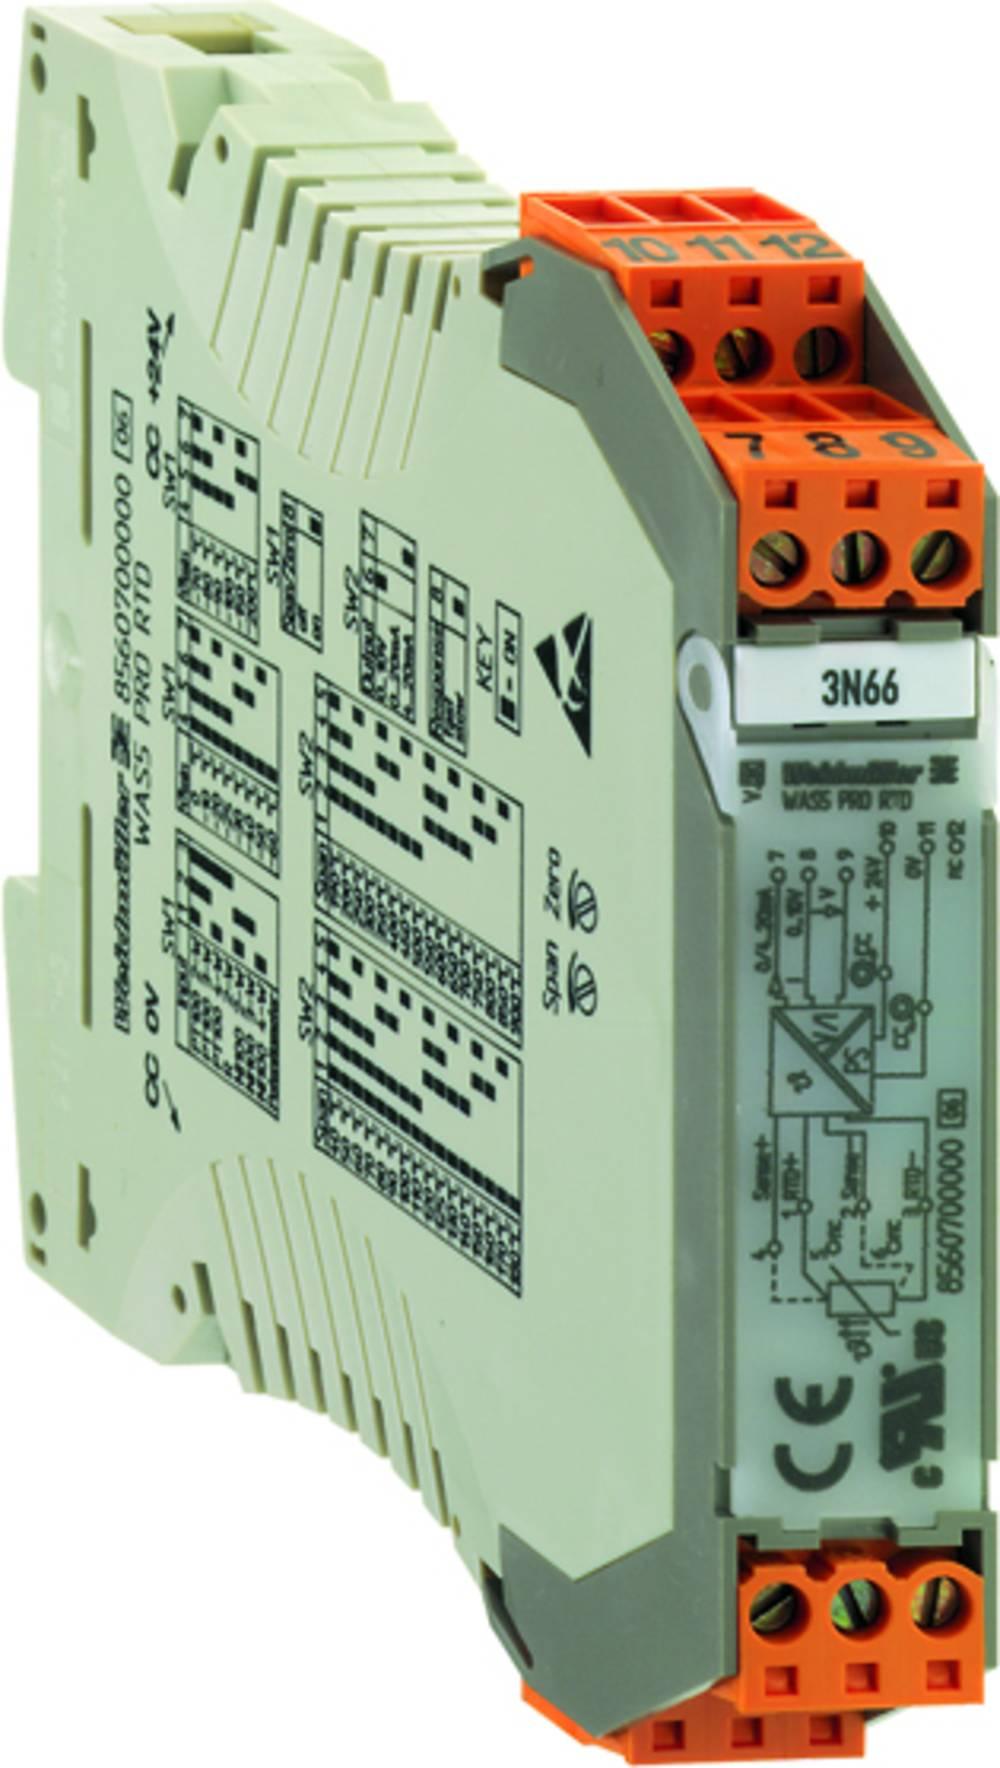 RTD-pretvornik WTZ4 PT100/3 V 0-10V kataloška številka 8432130000 Weidmüller vsebuje: 1 kos